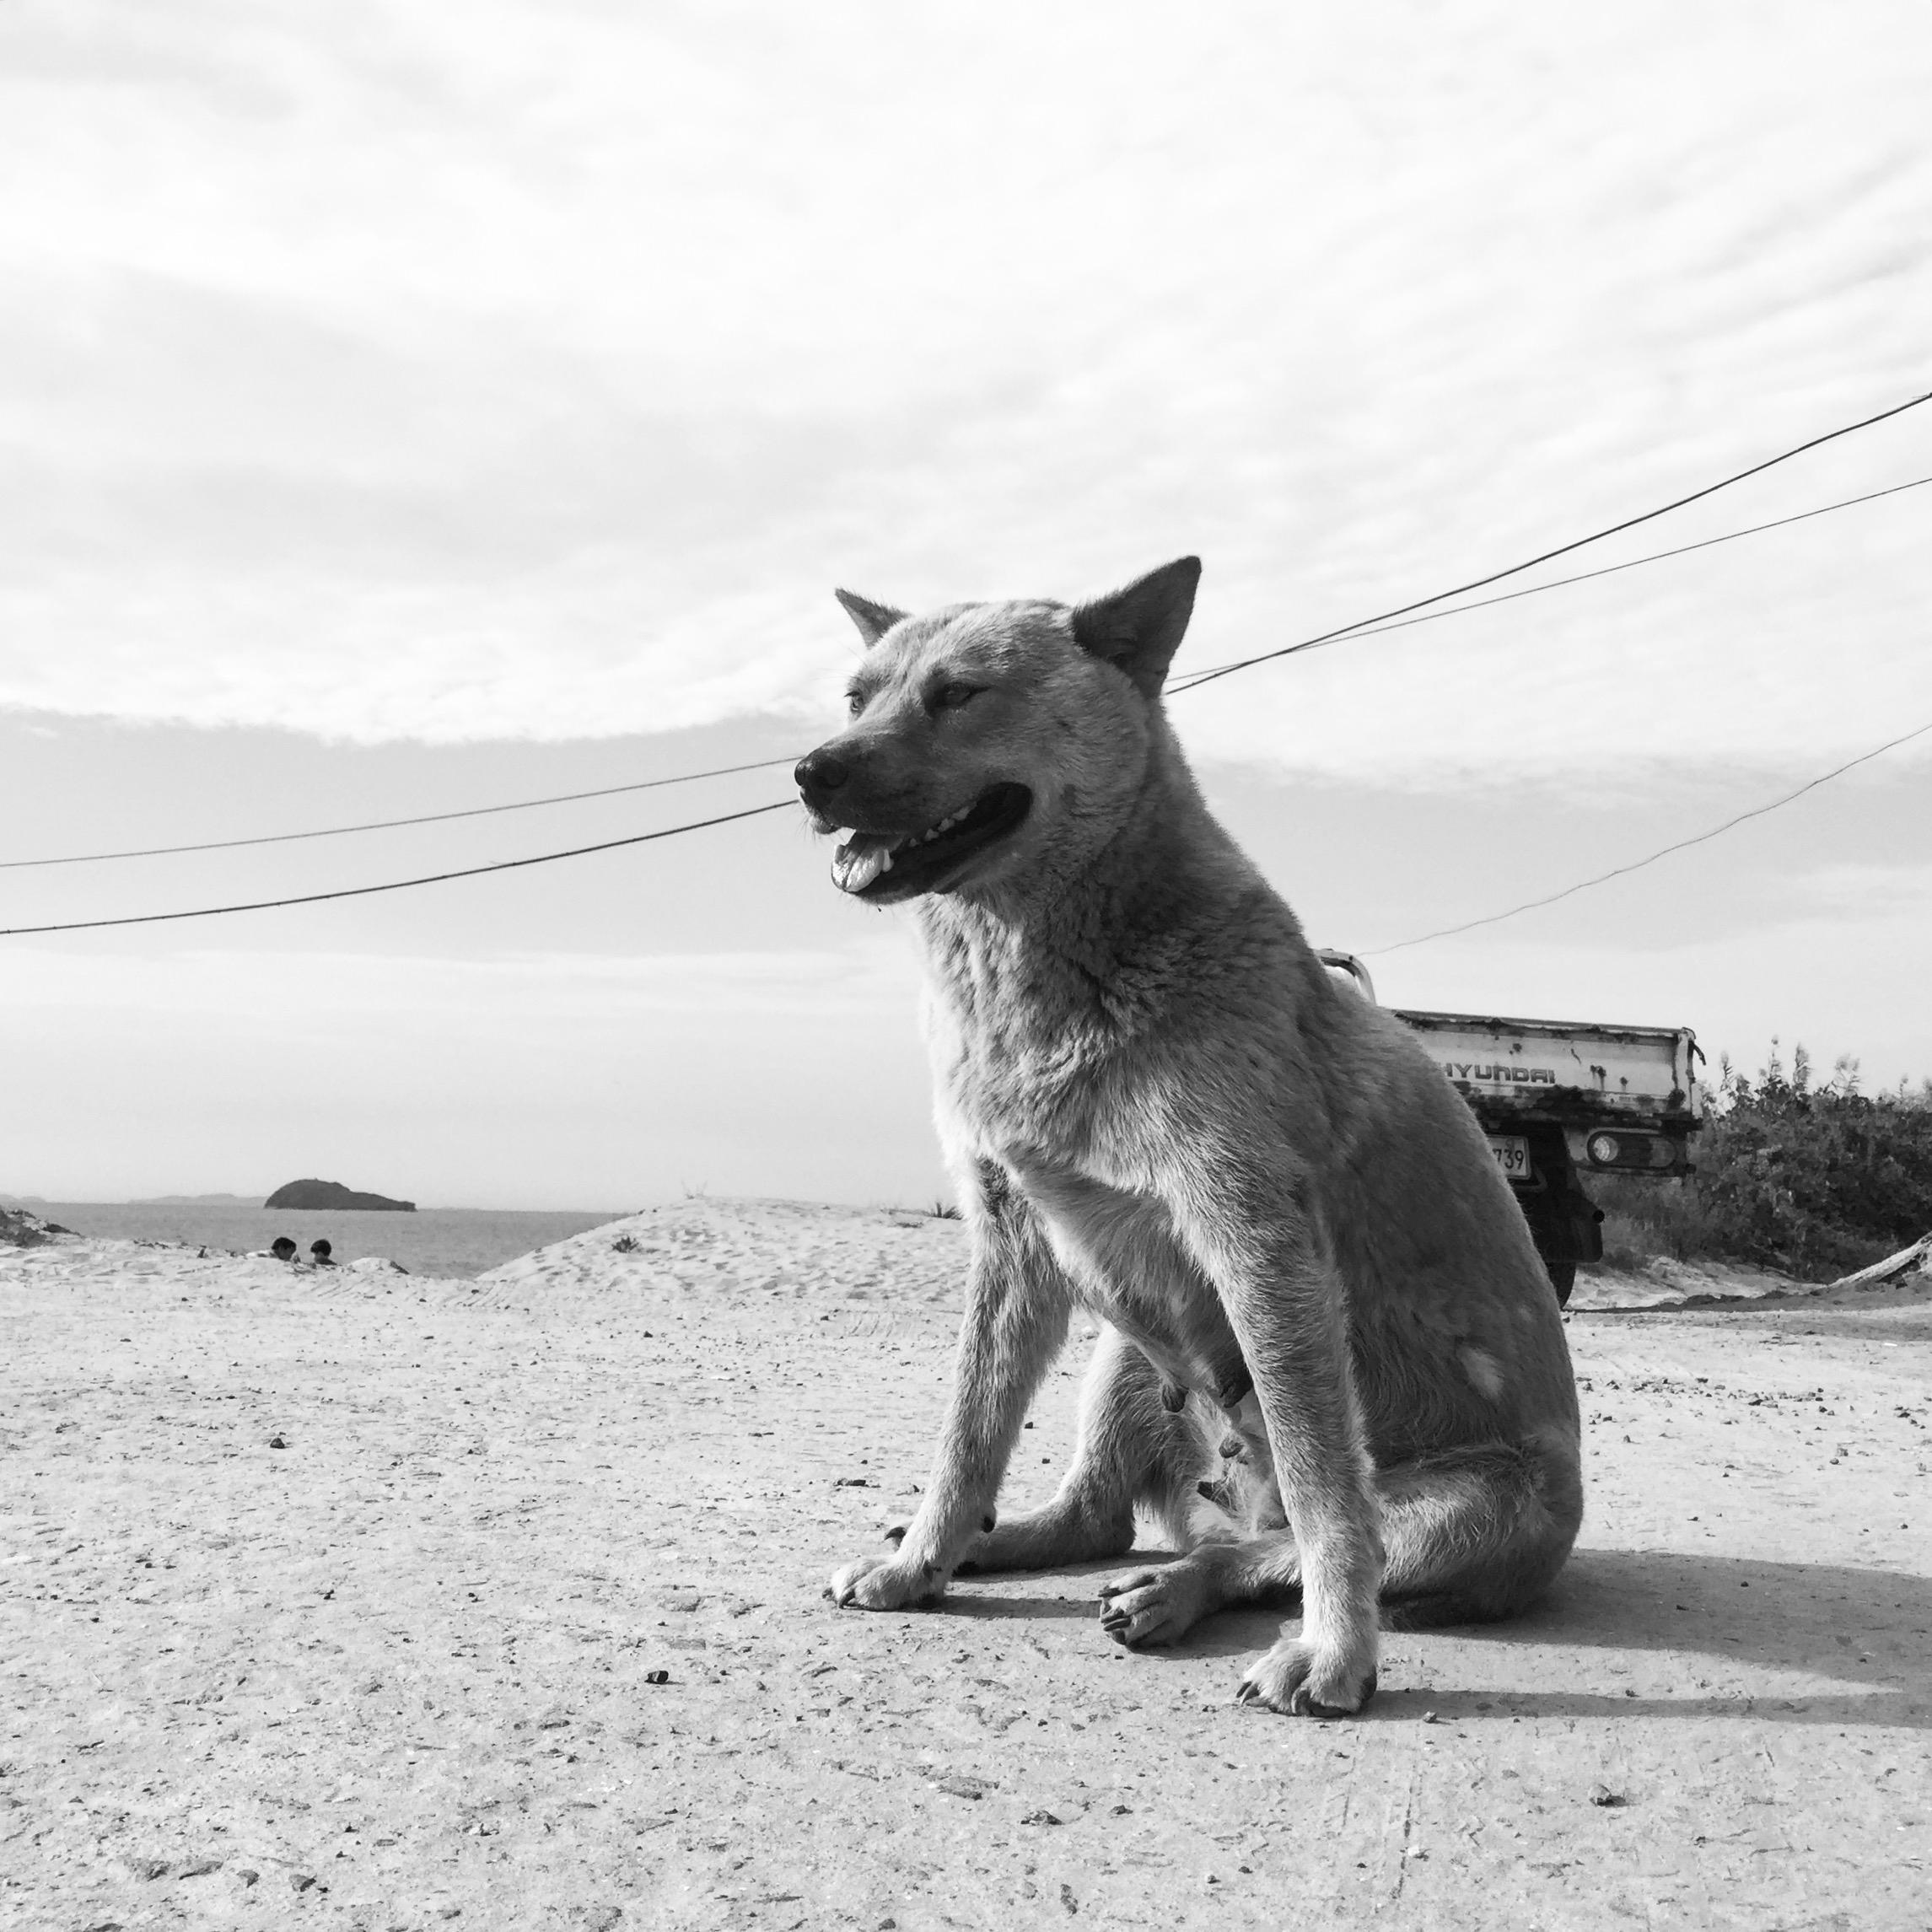 [사진] 풍진 세상 - 2015.09.28 부사방조제